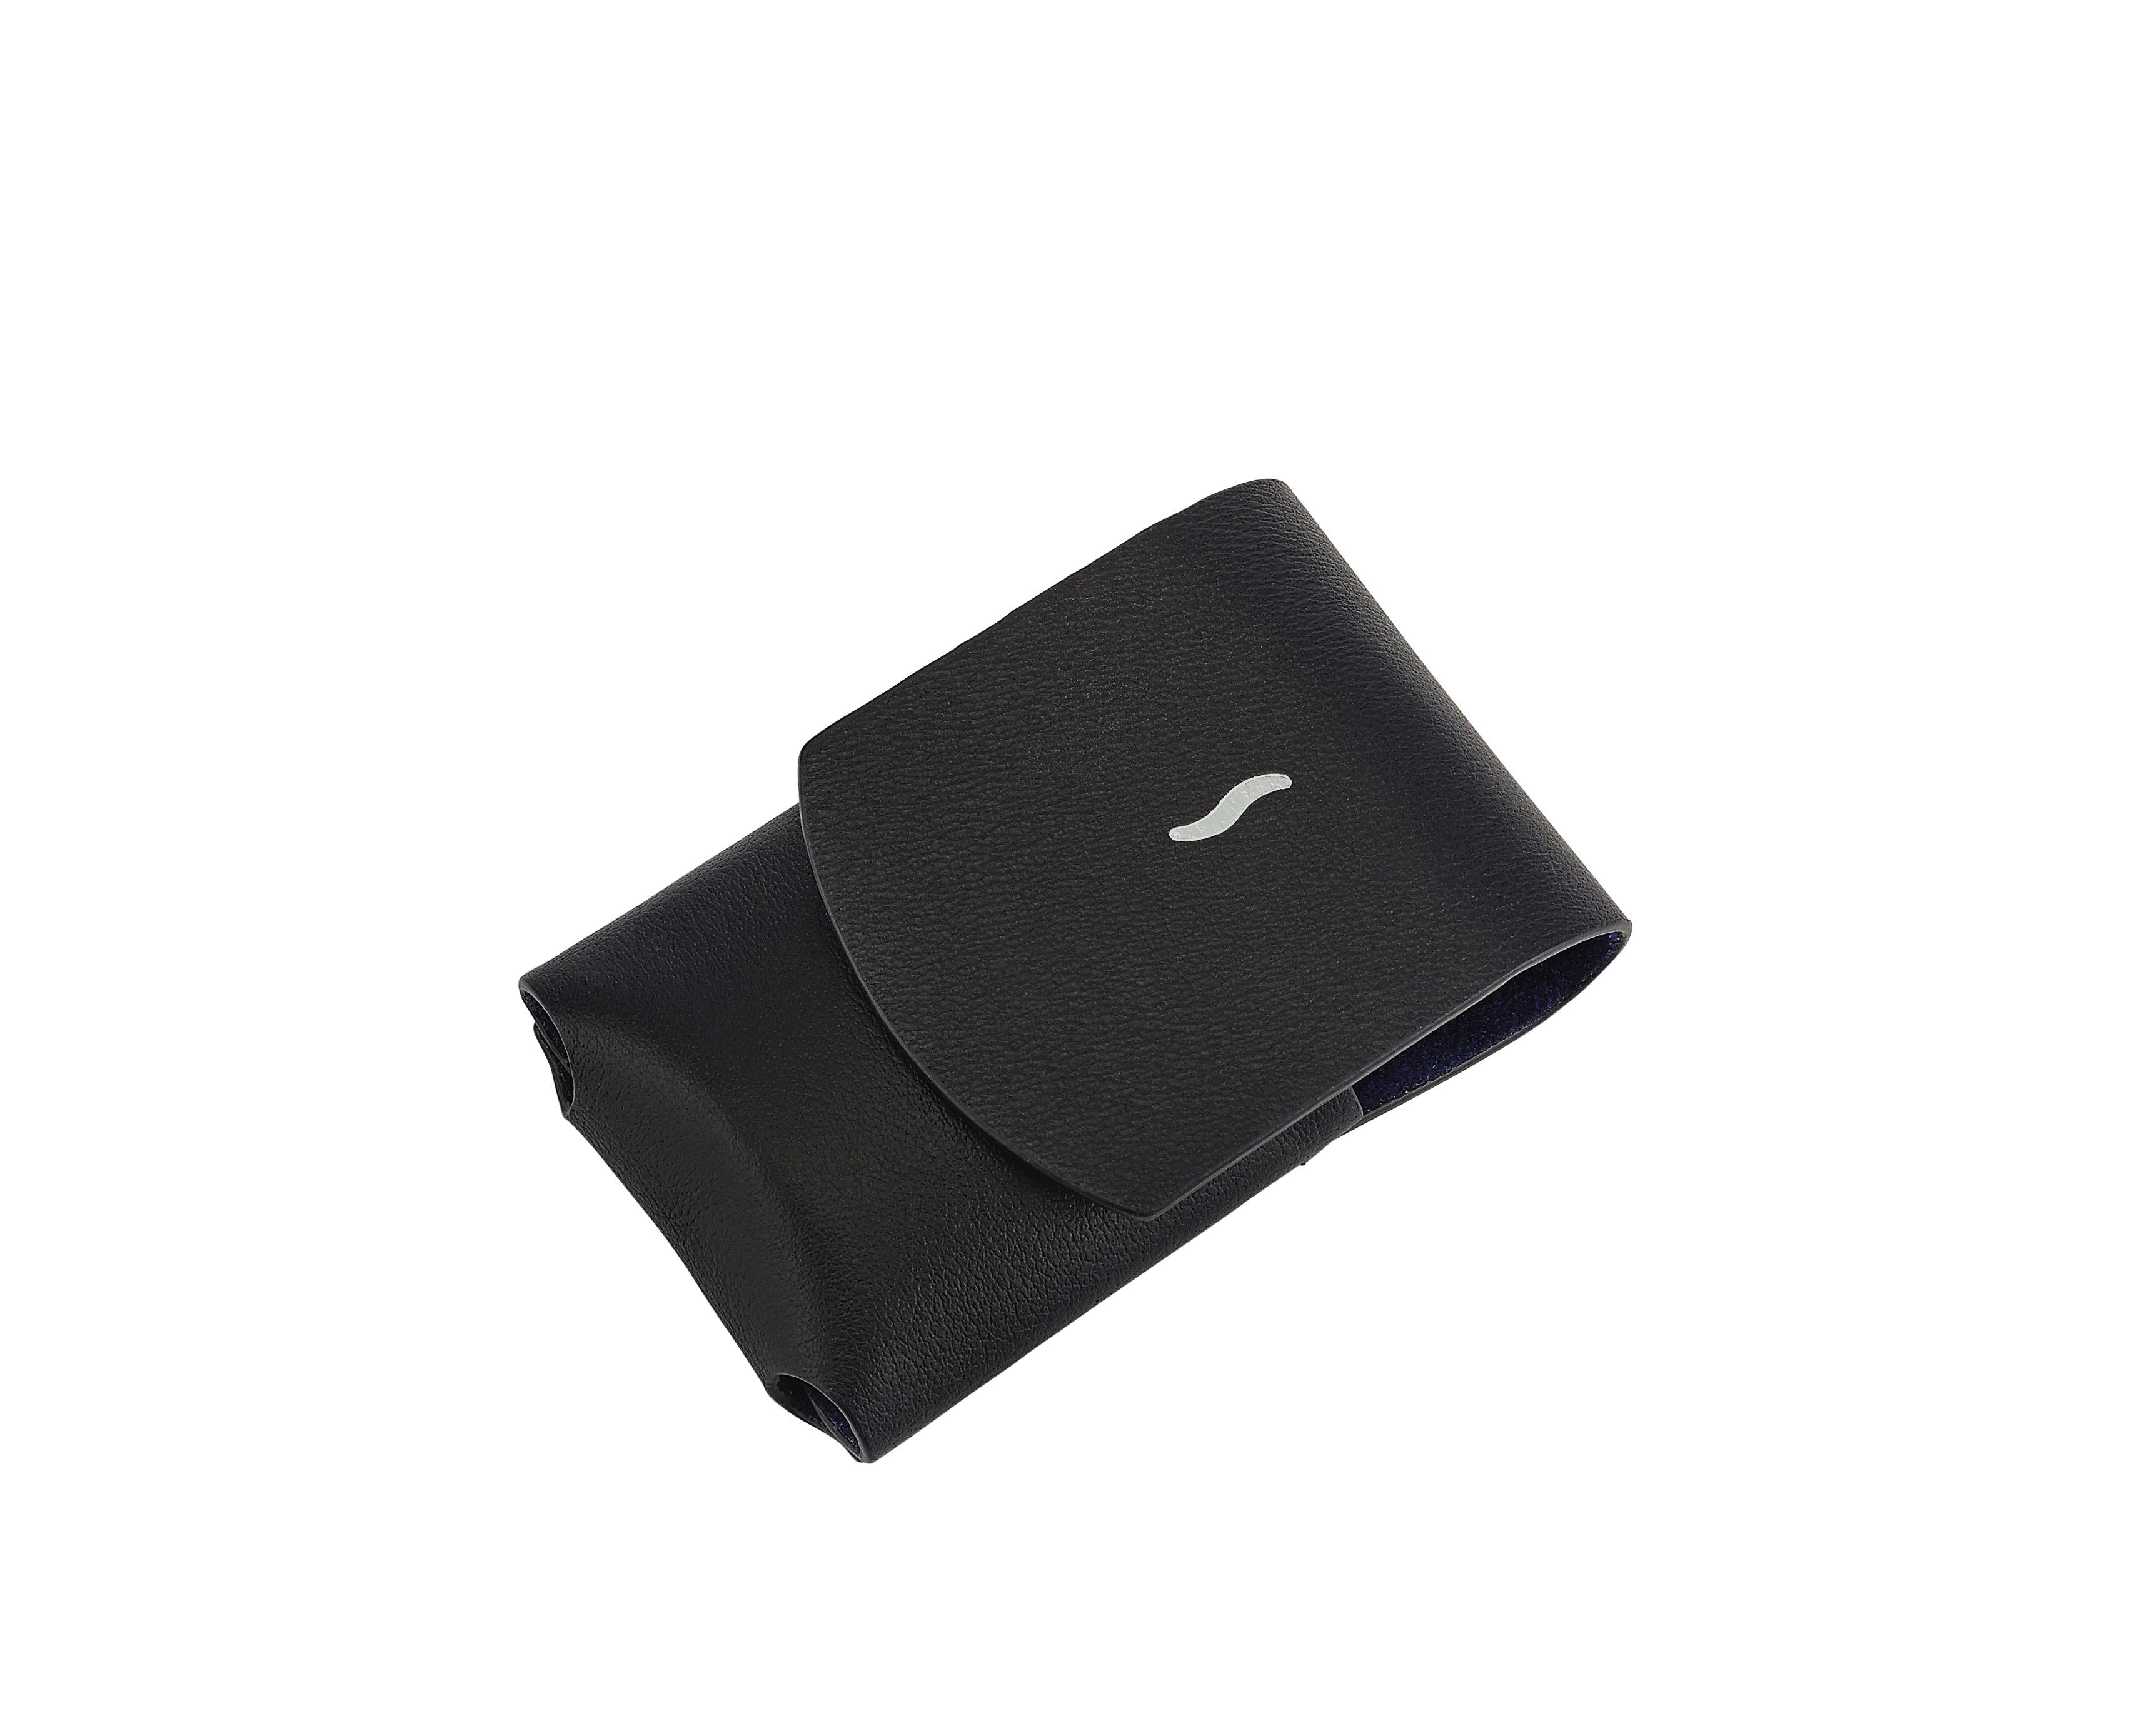 S.T. Dupont Minijet Case Black